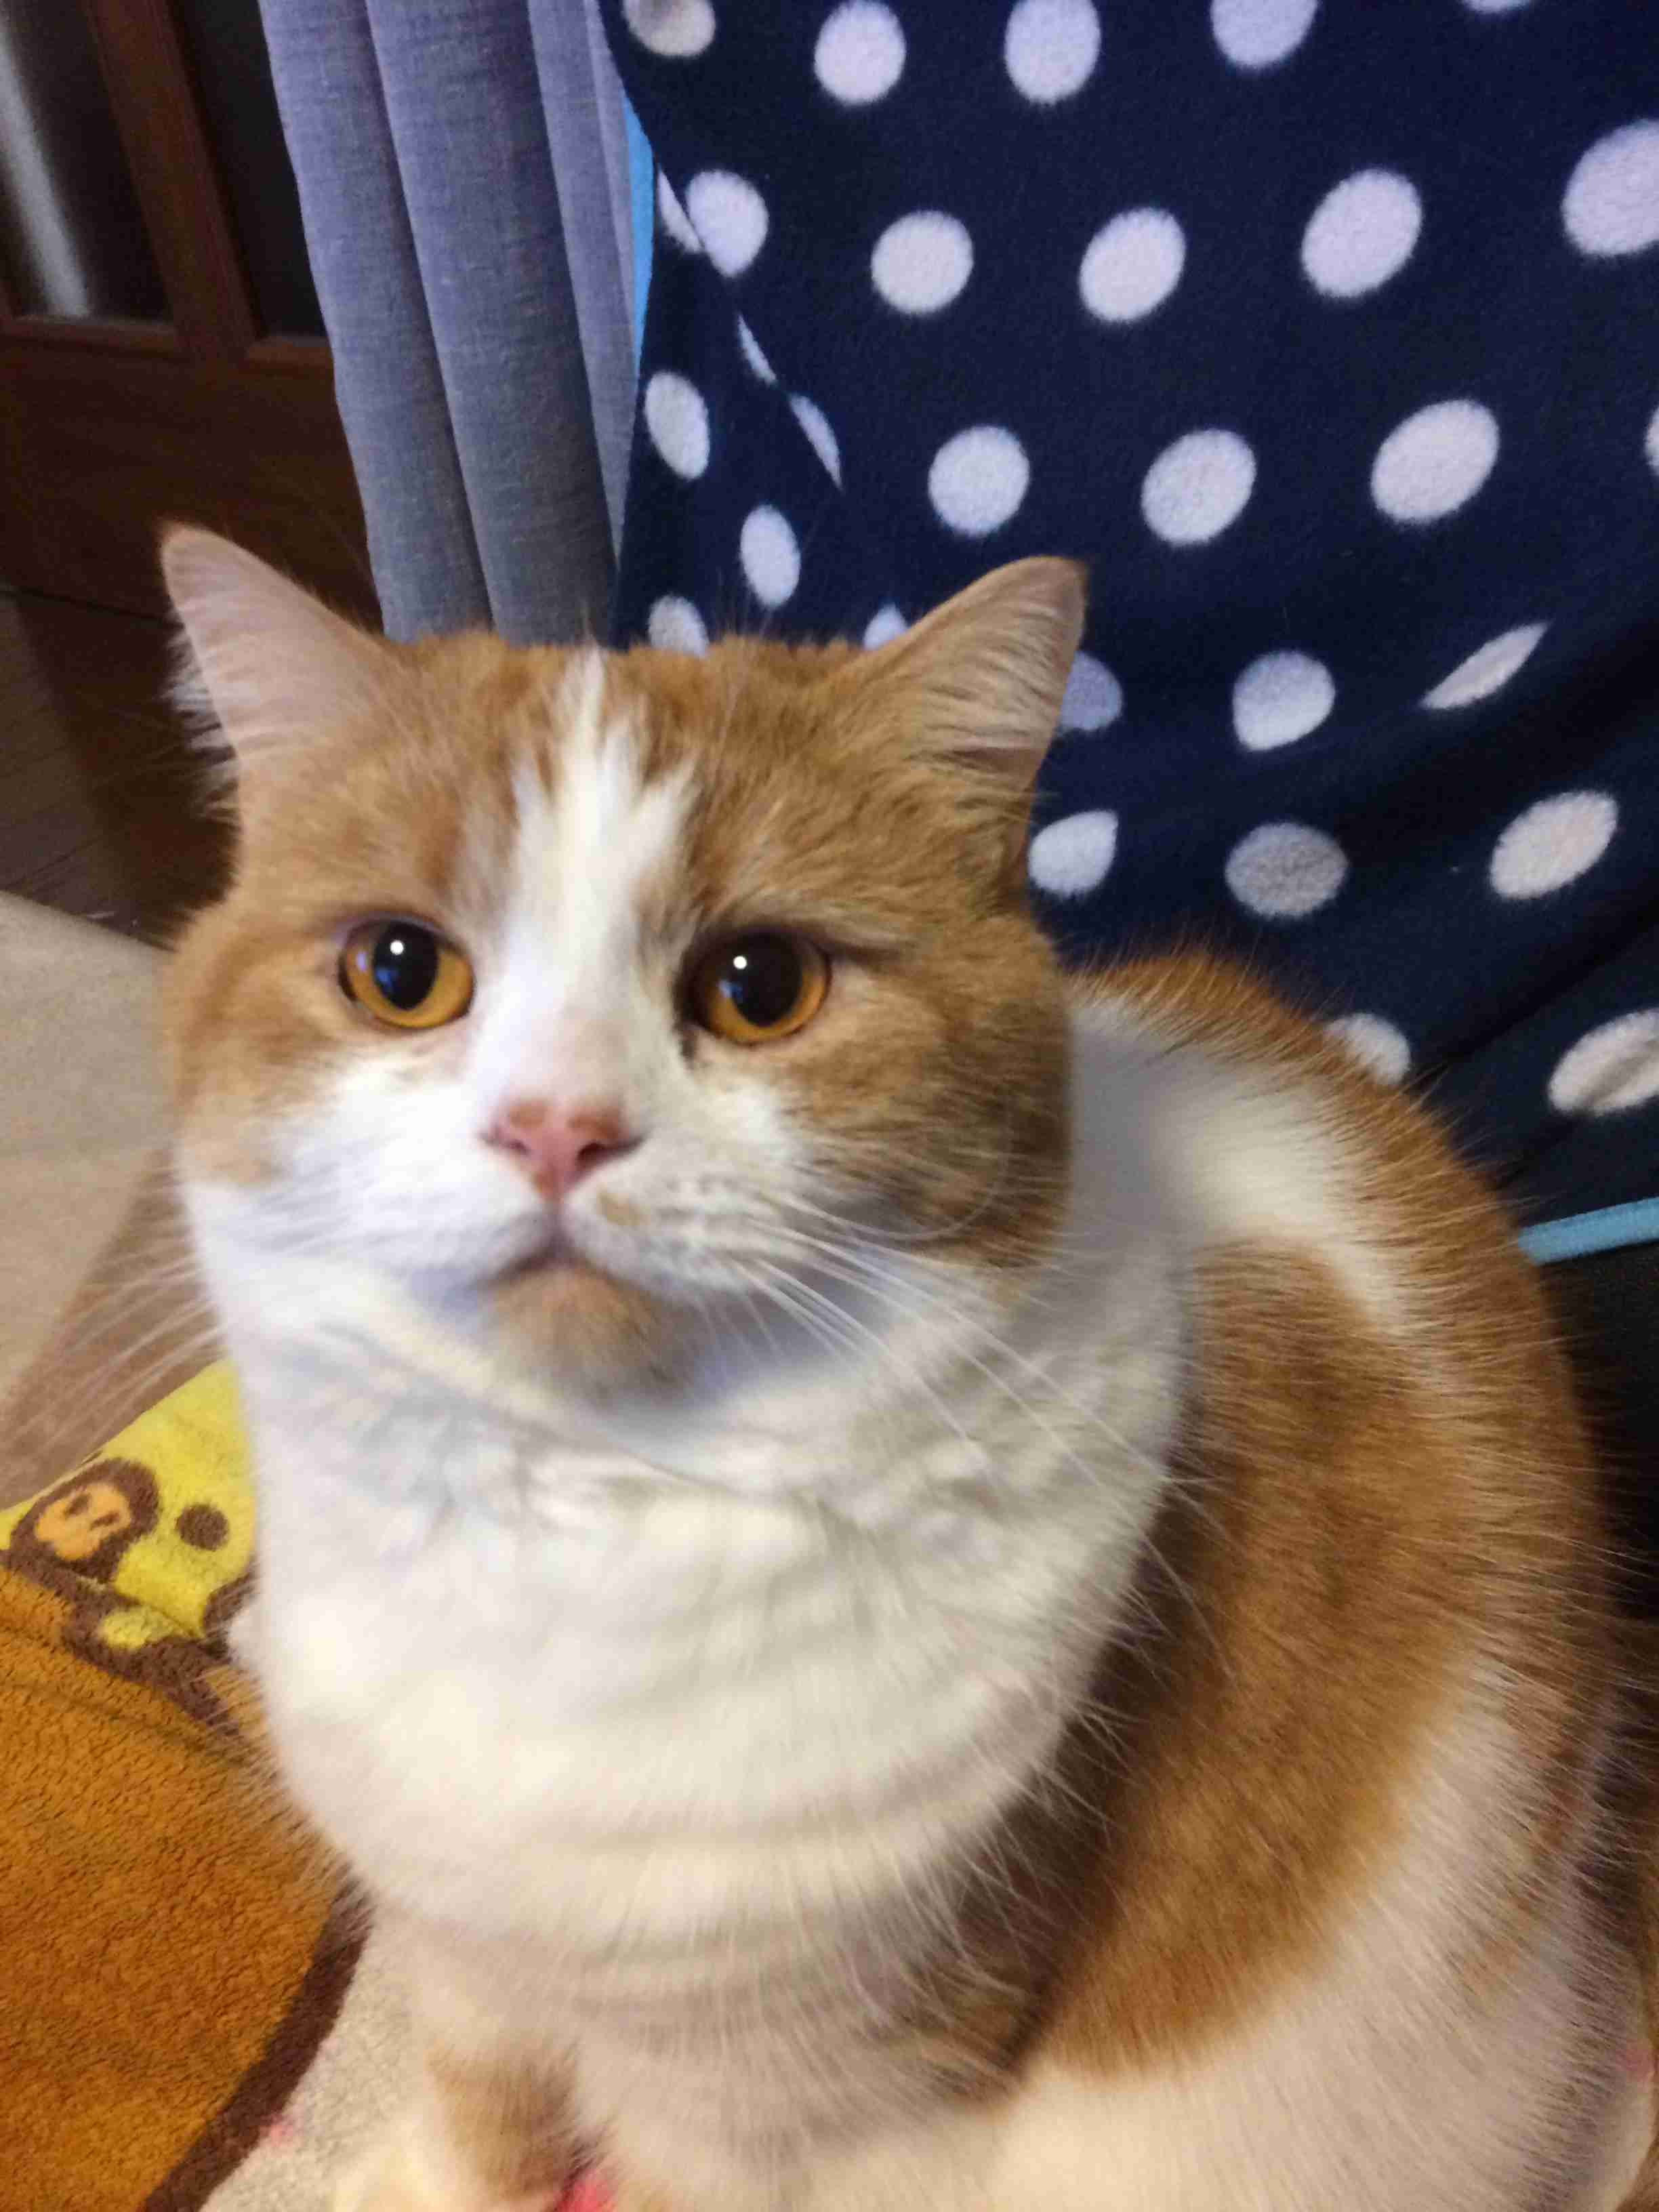 ガルちゃん猫カフェ22号店 開店しました♪ (初めての方も大歓迎!)